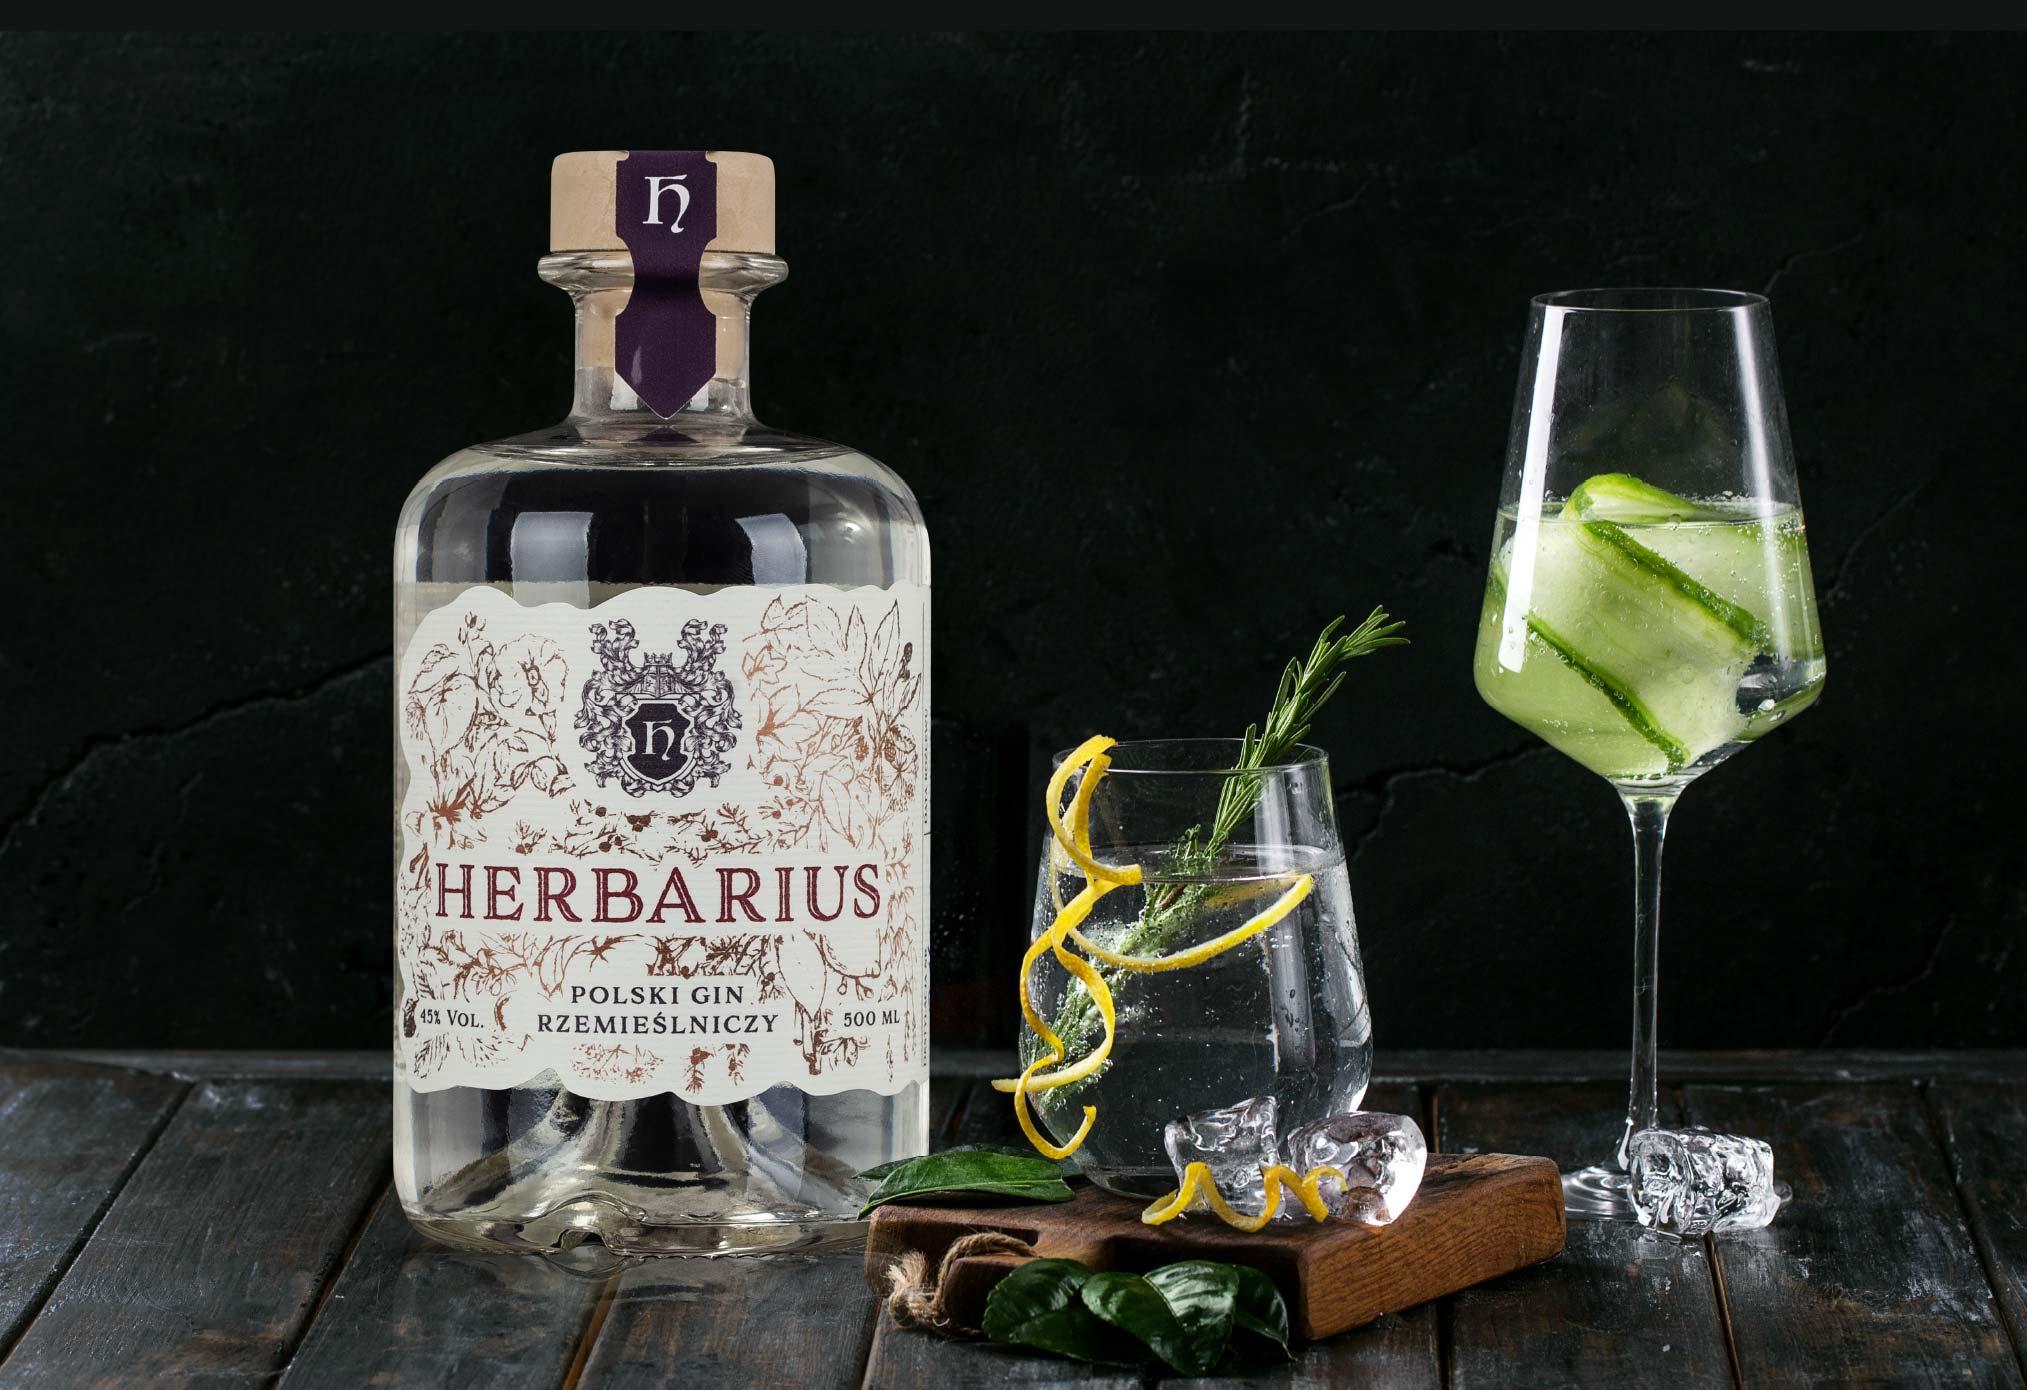 herbarius-Polski-Gin-rzemieslniczy